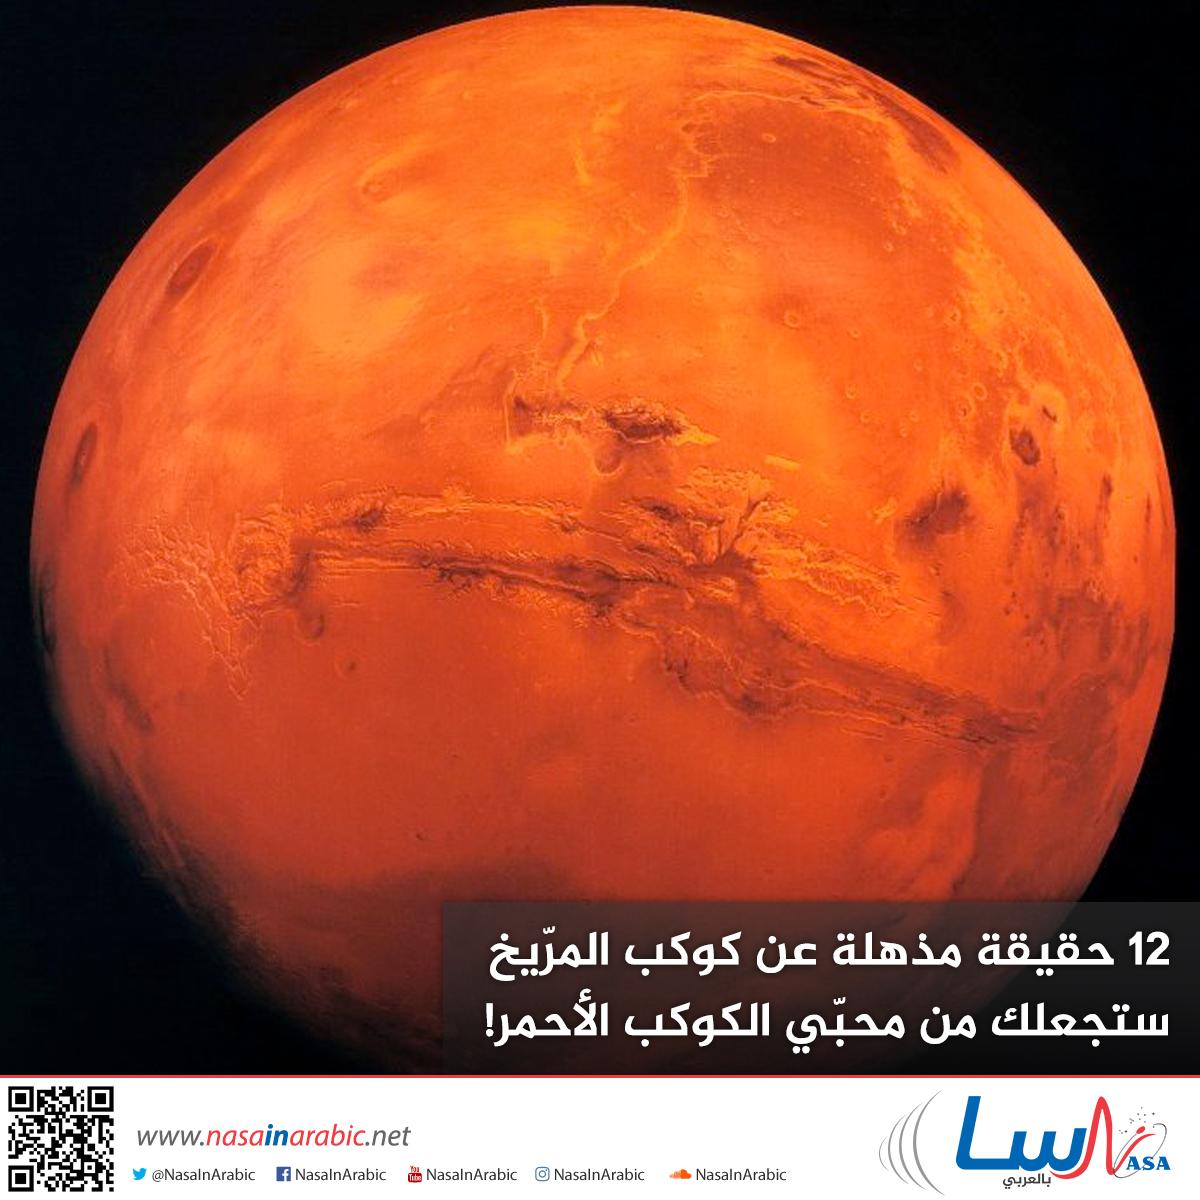 12 حقيقة مذهلة عن كوكب المرّيخ ستجعلك من محبّي الكوكب الأحمر!